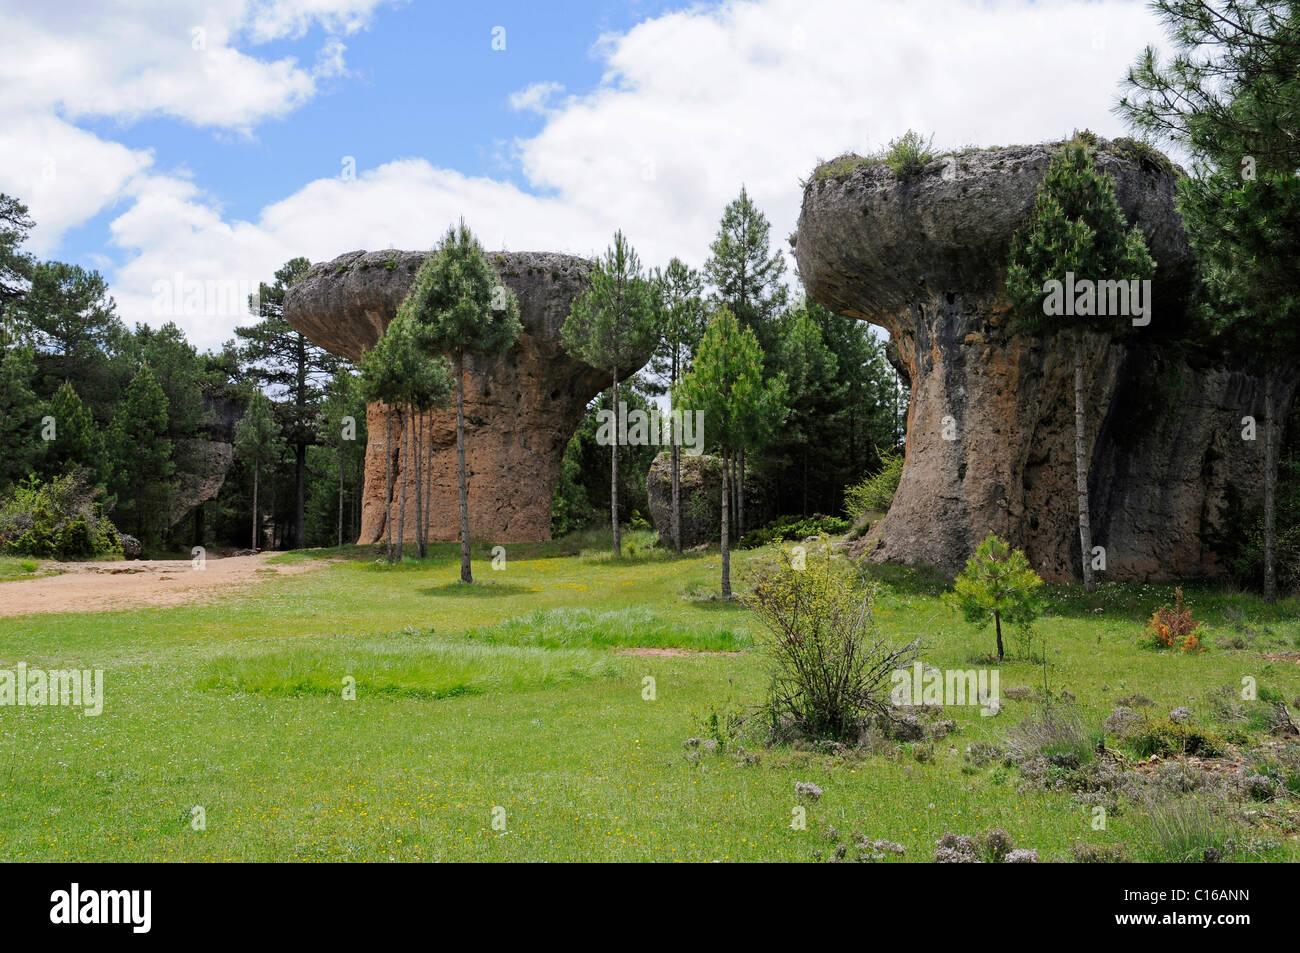 La ciudad encantada, the enchanted city, rock formation, erosion, natural monument, limestone landscape, Cuenca - Stock Image